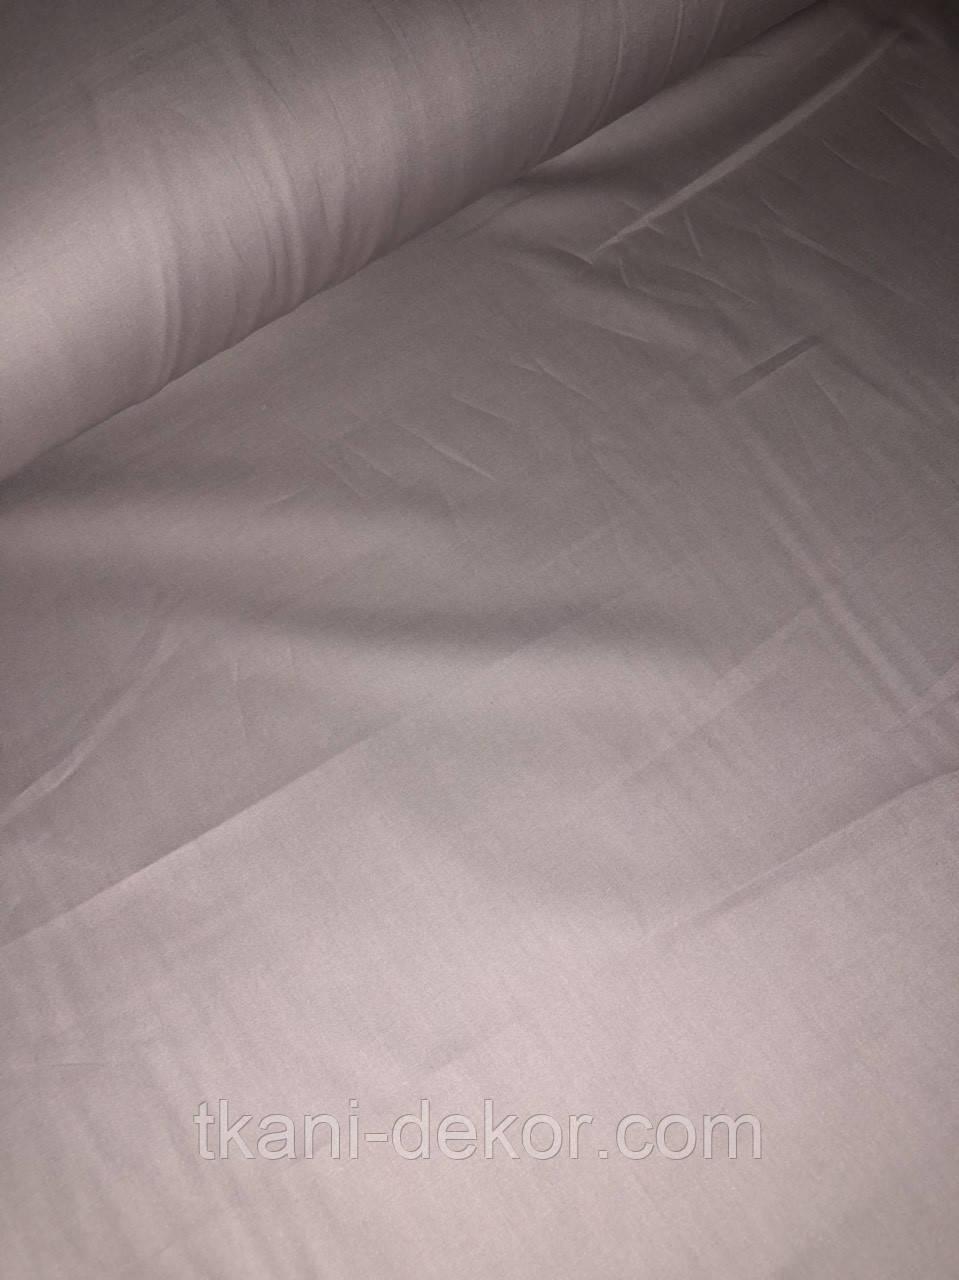 Сатин (хлопковая ткань) однотонный мокко (2.55 м)